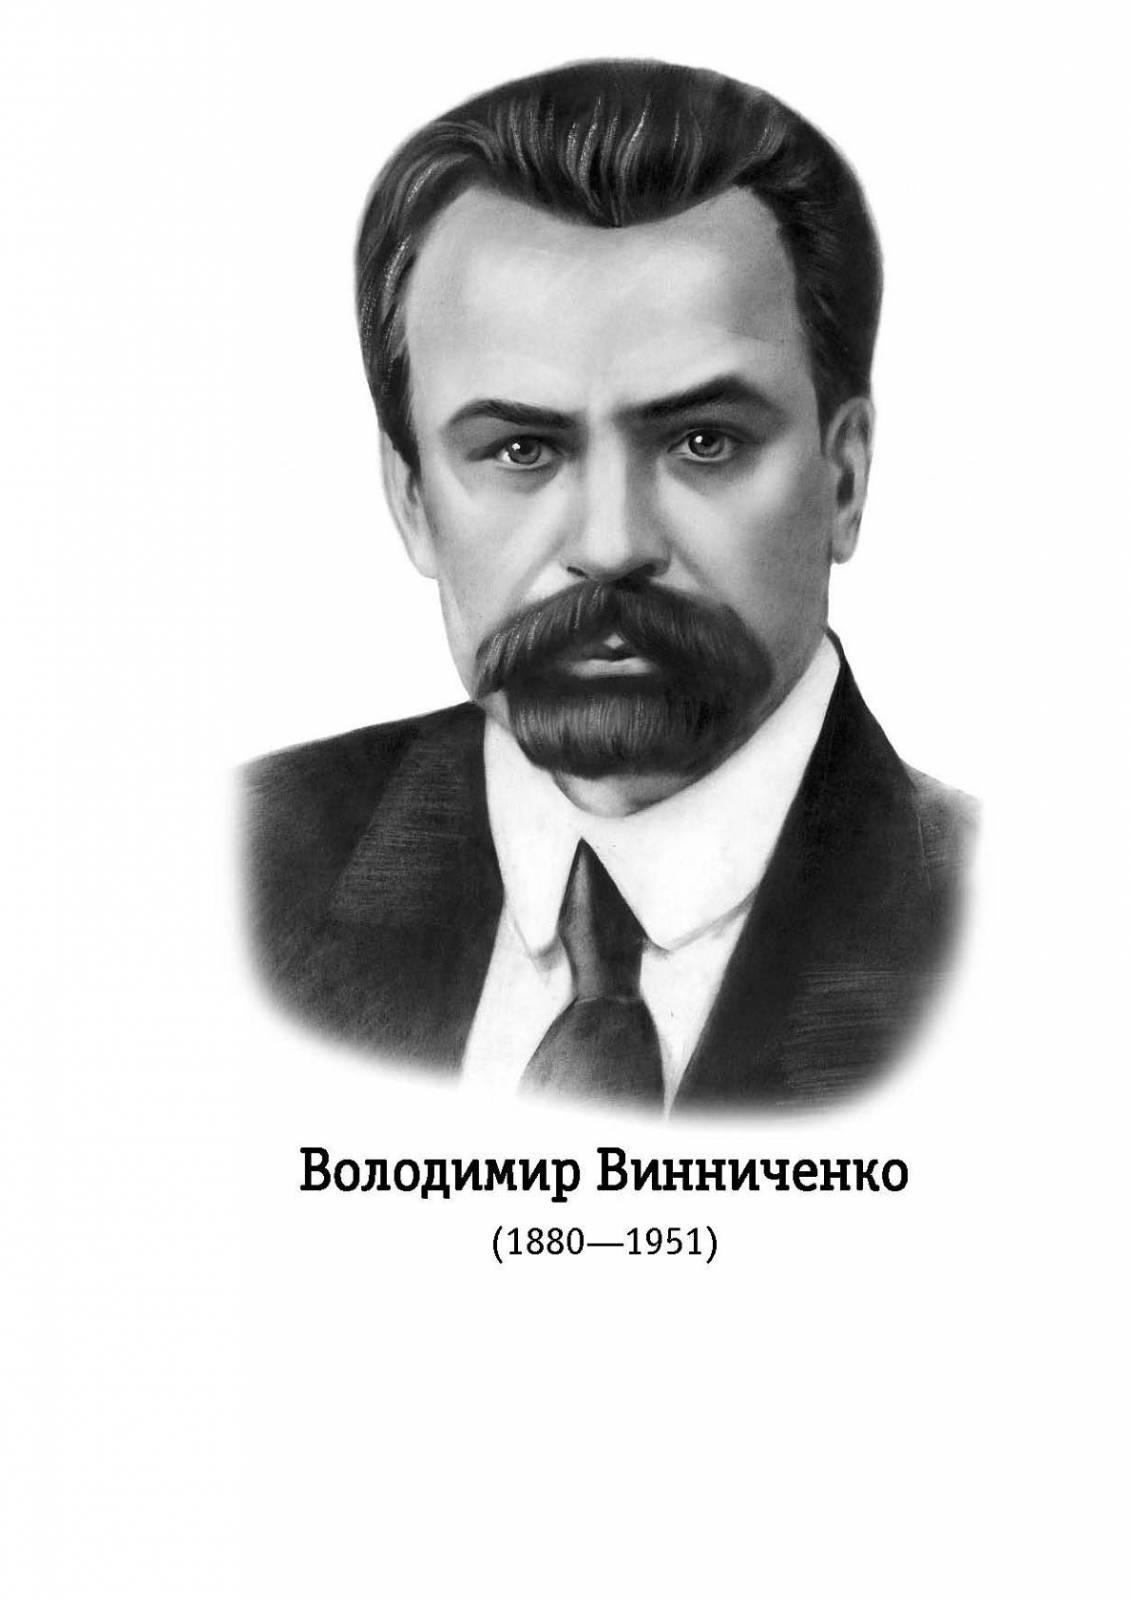 Момент — Володимир Винниченко, читати повністю текст твору онлайн. УкрЛіб : Українська Бібліотека